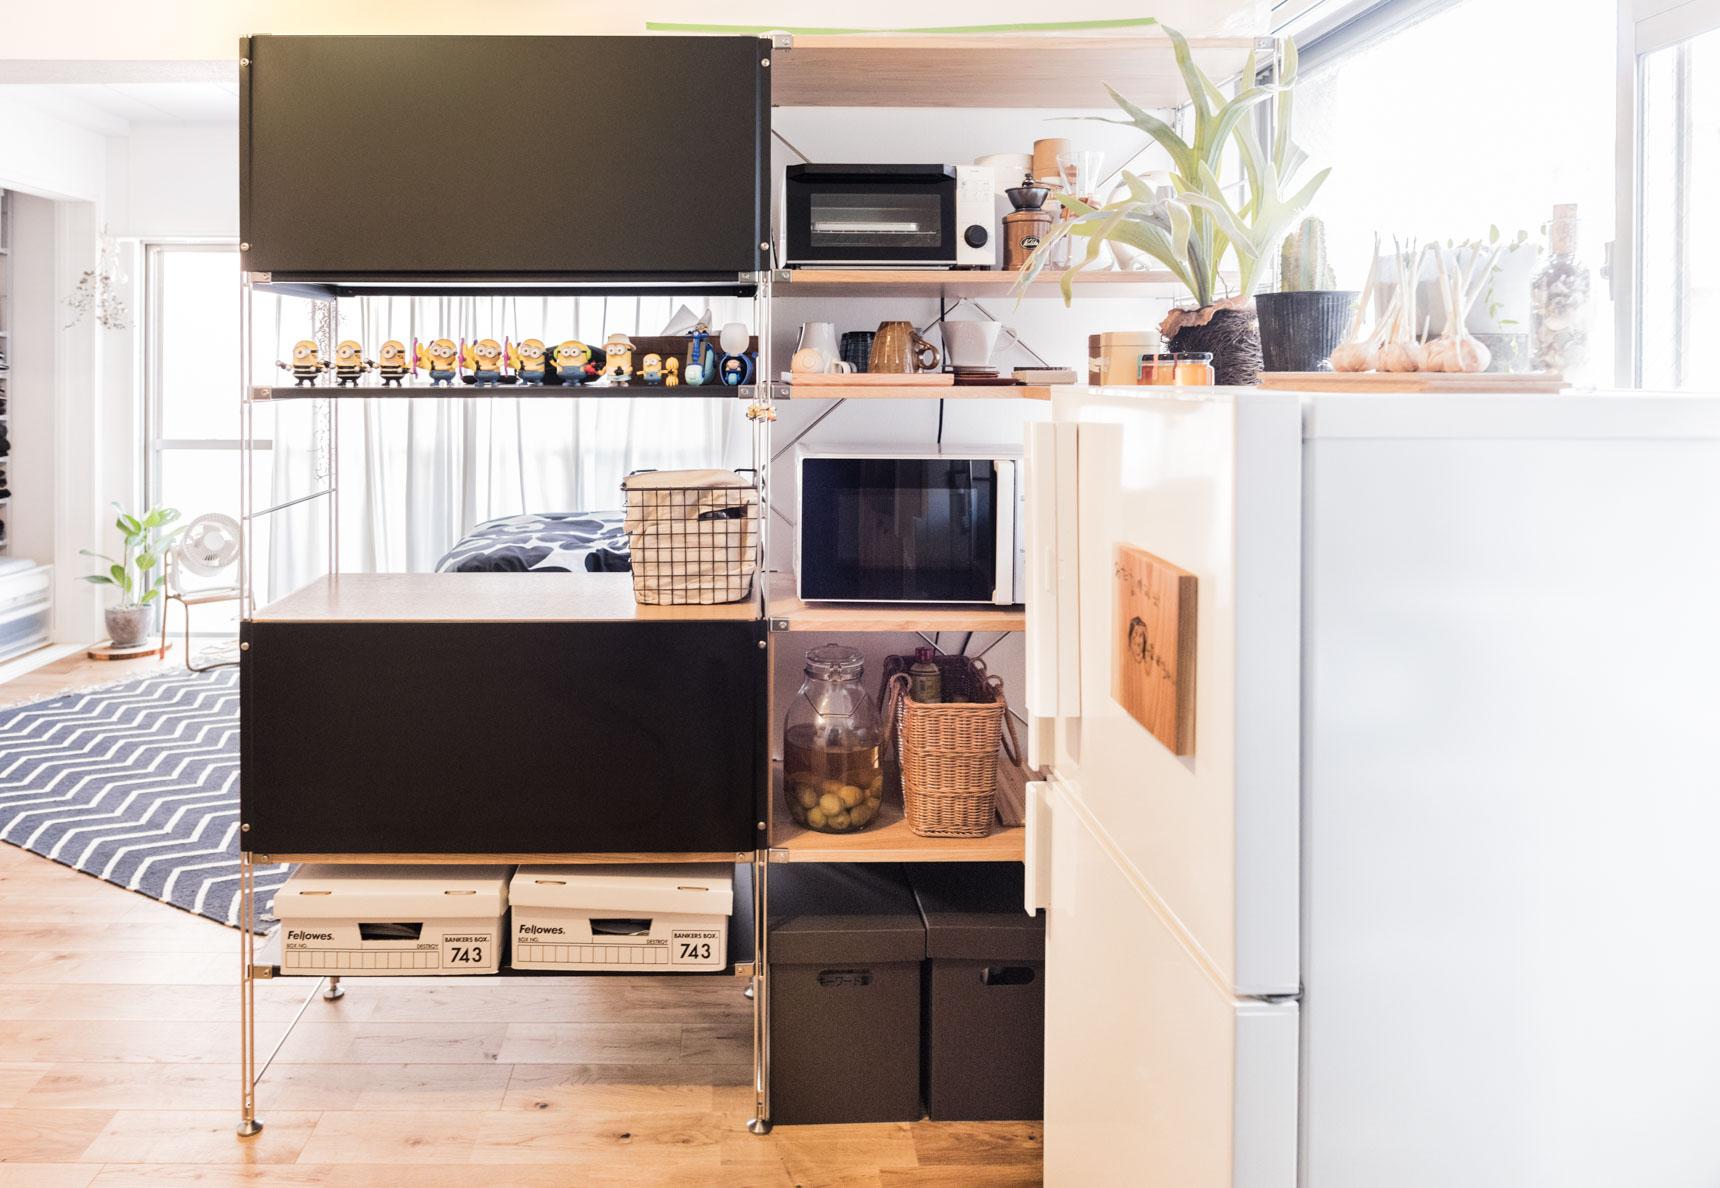 棚は無印良品のユニットシェルフ。パネルやボックスを使って、一部見えない部分を作っているのも巧み。